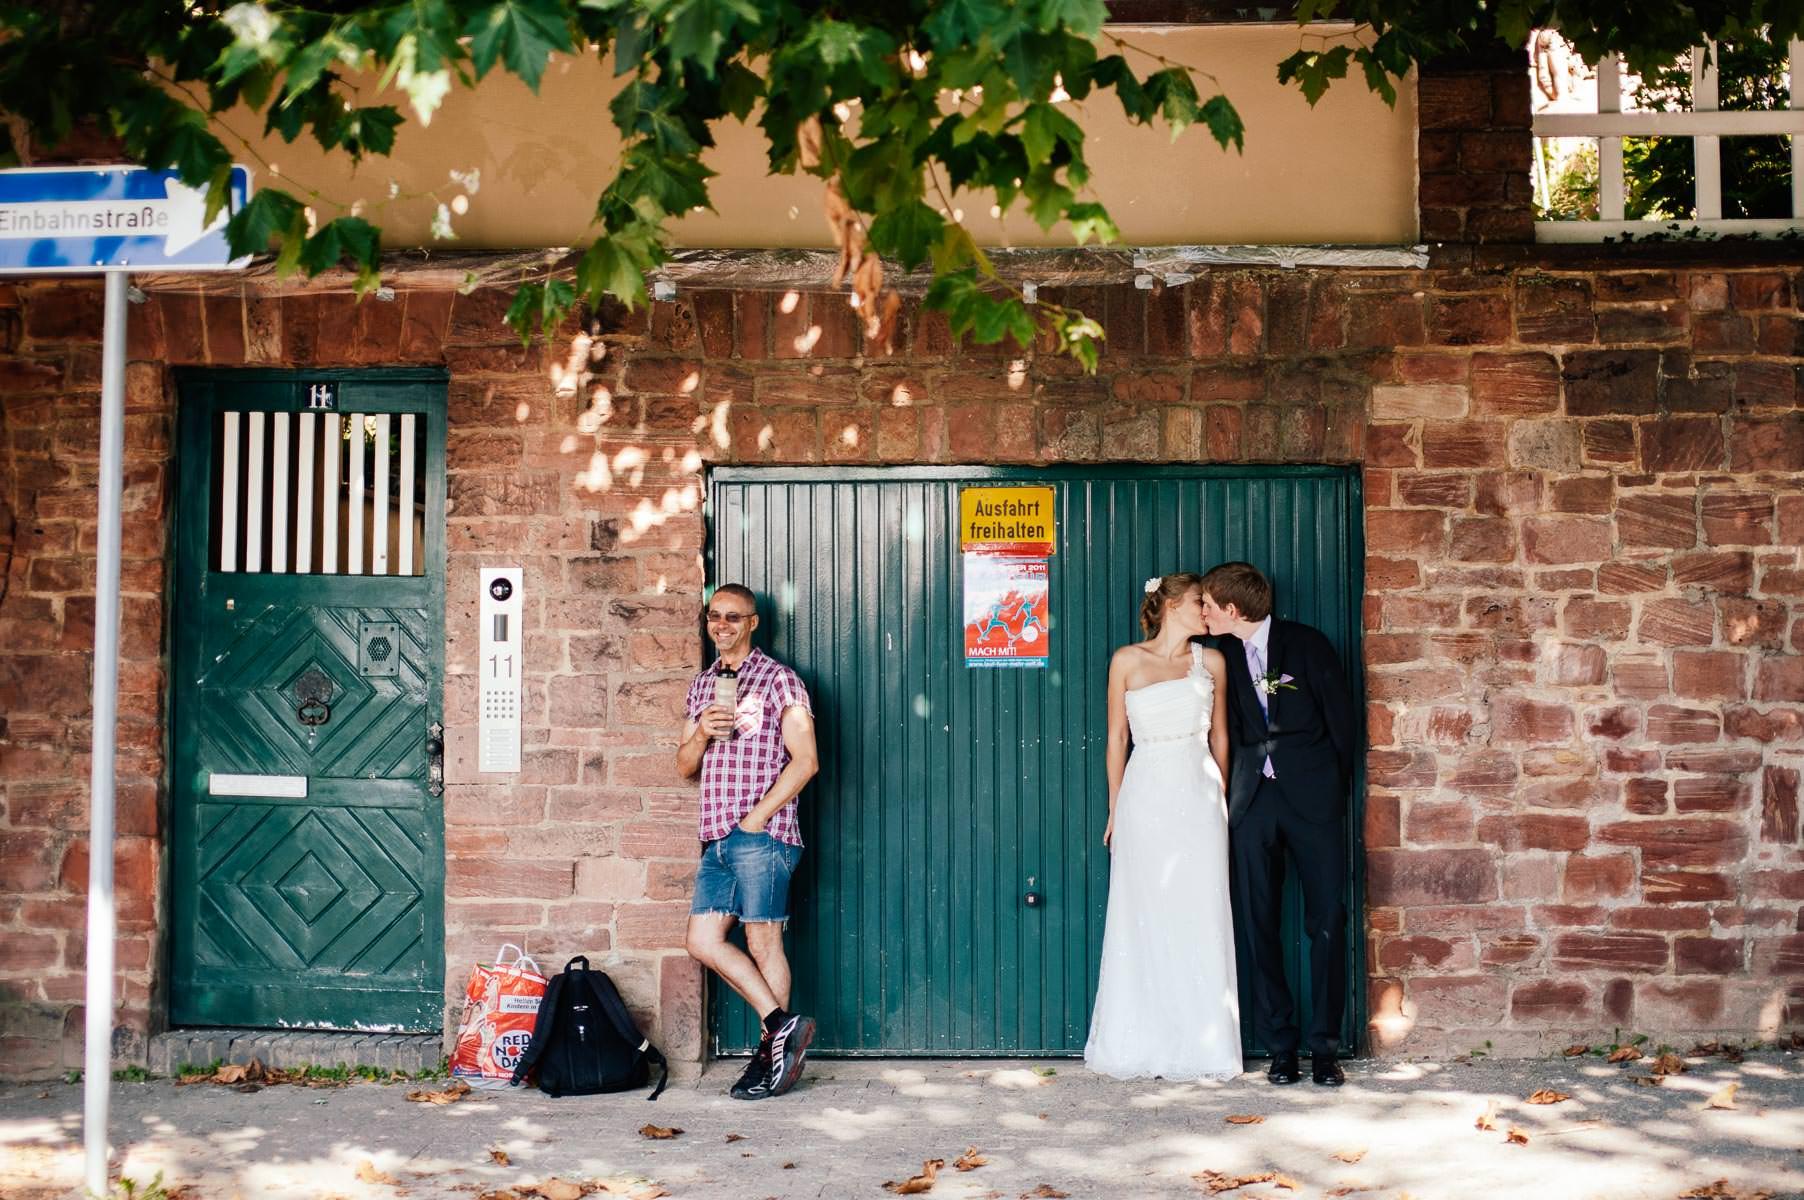 Brautpaar küsst sich angelehnt an eine Garagenwand. Ein Spazier